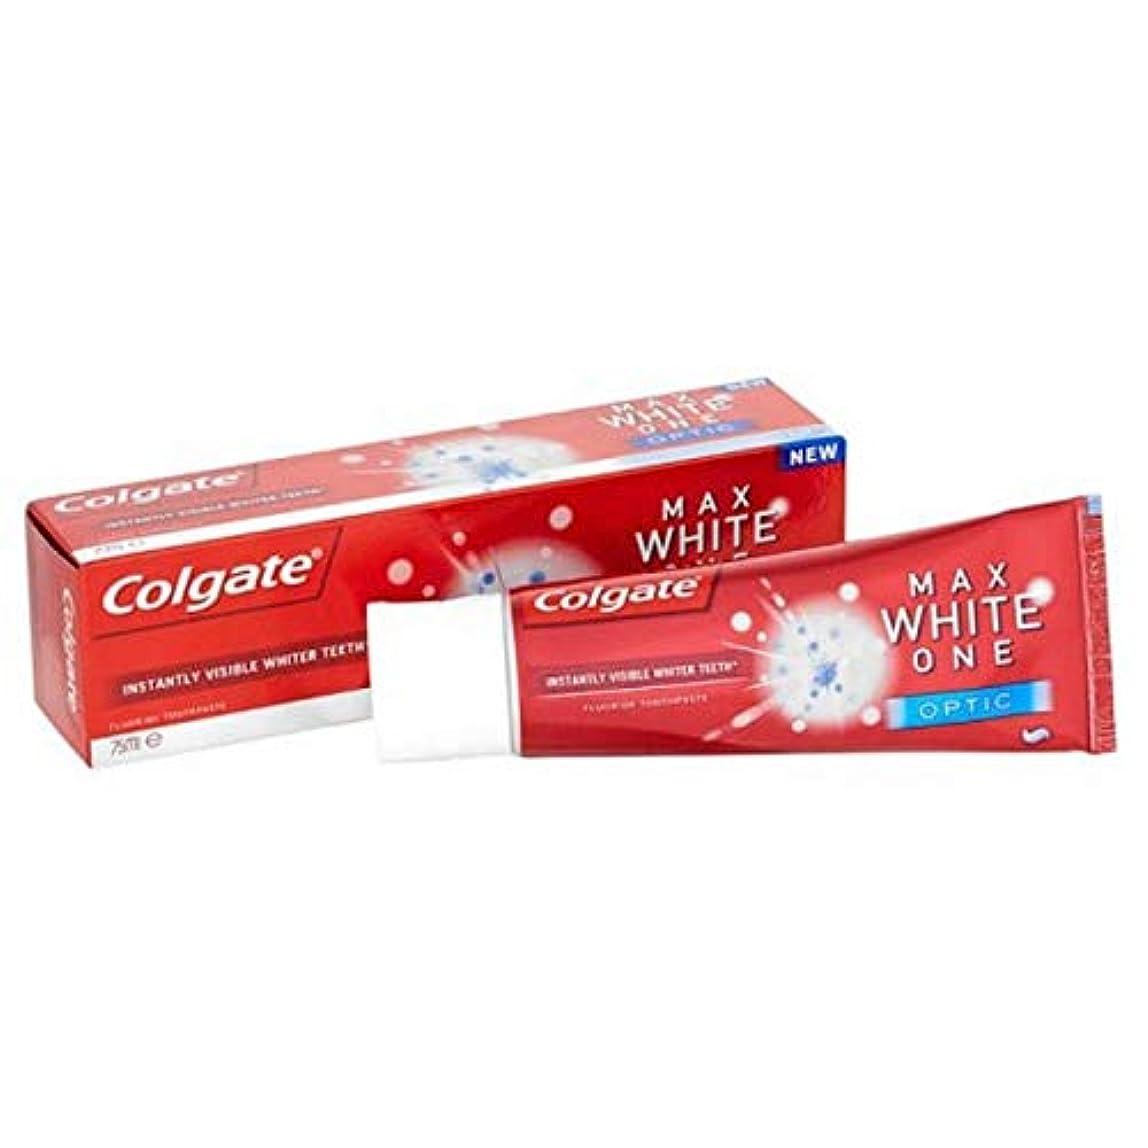 共感するシャンプー約設定[Colgate ] コルゲート最大白1つの光学歯磨き粉25ミリリットル - Colgate Max White One Optic Toothpaste 25ml [並行輸入品]